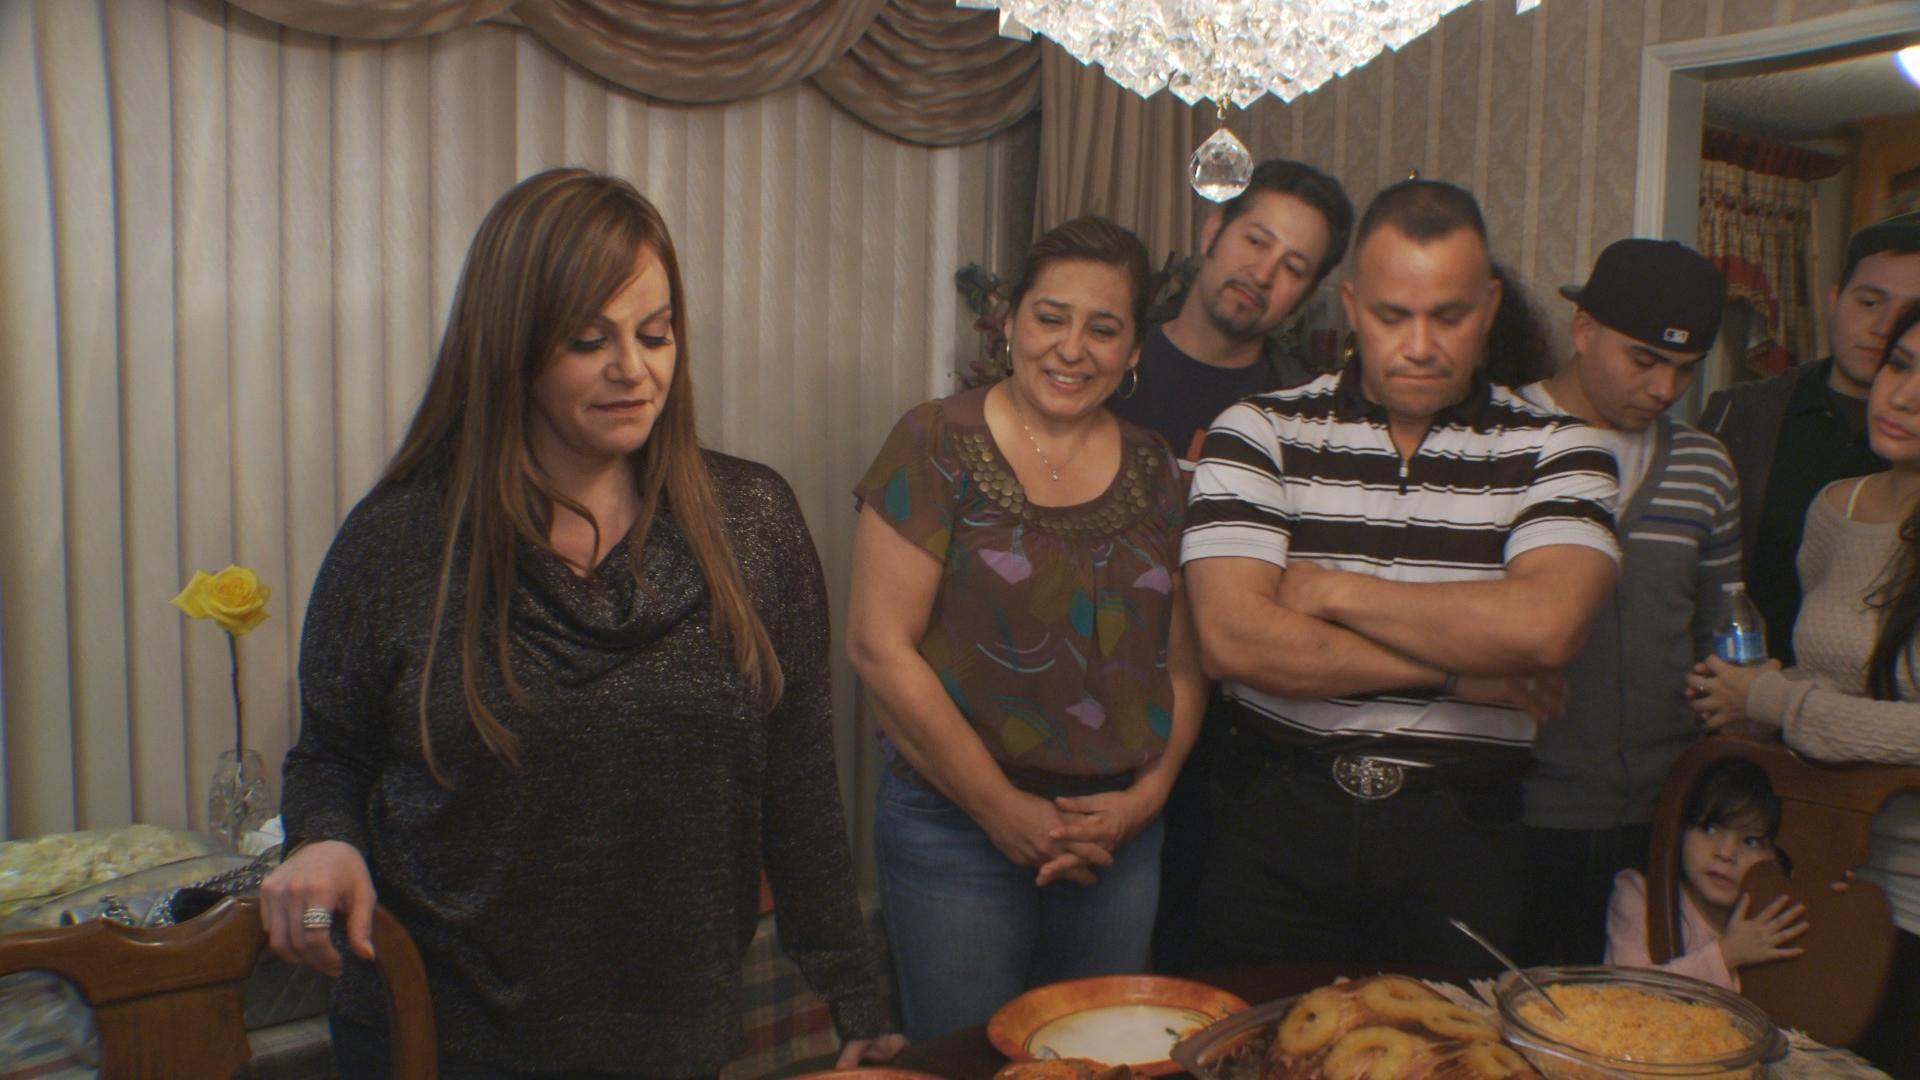 """Los Hijos de Jenni Rivera Celebran la Vida de su Madre con un Especial de una hora """"Remembering Jenni, Our Mom"""" El Sábado, 9 de Diciembre a Las 7pm/6c"""